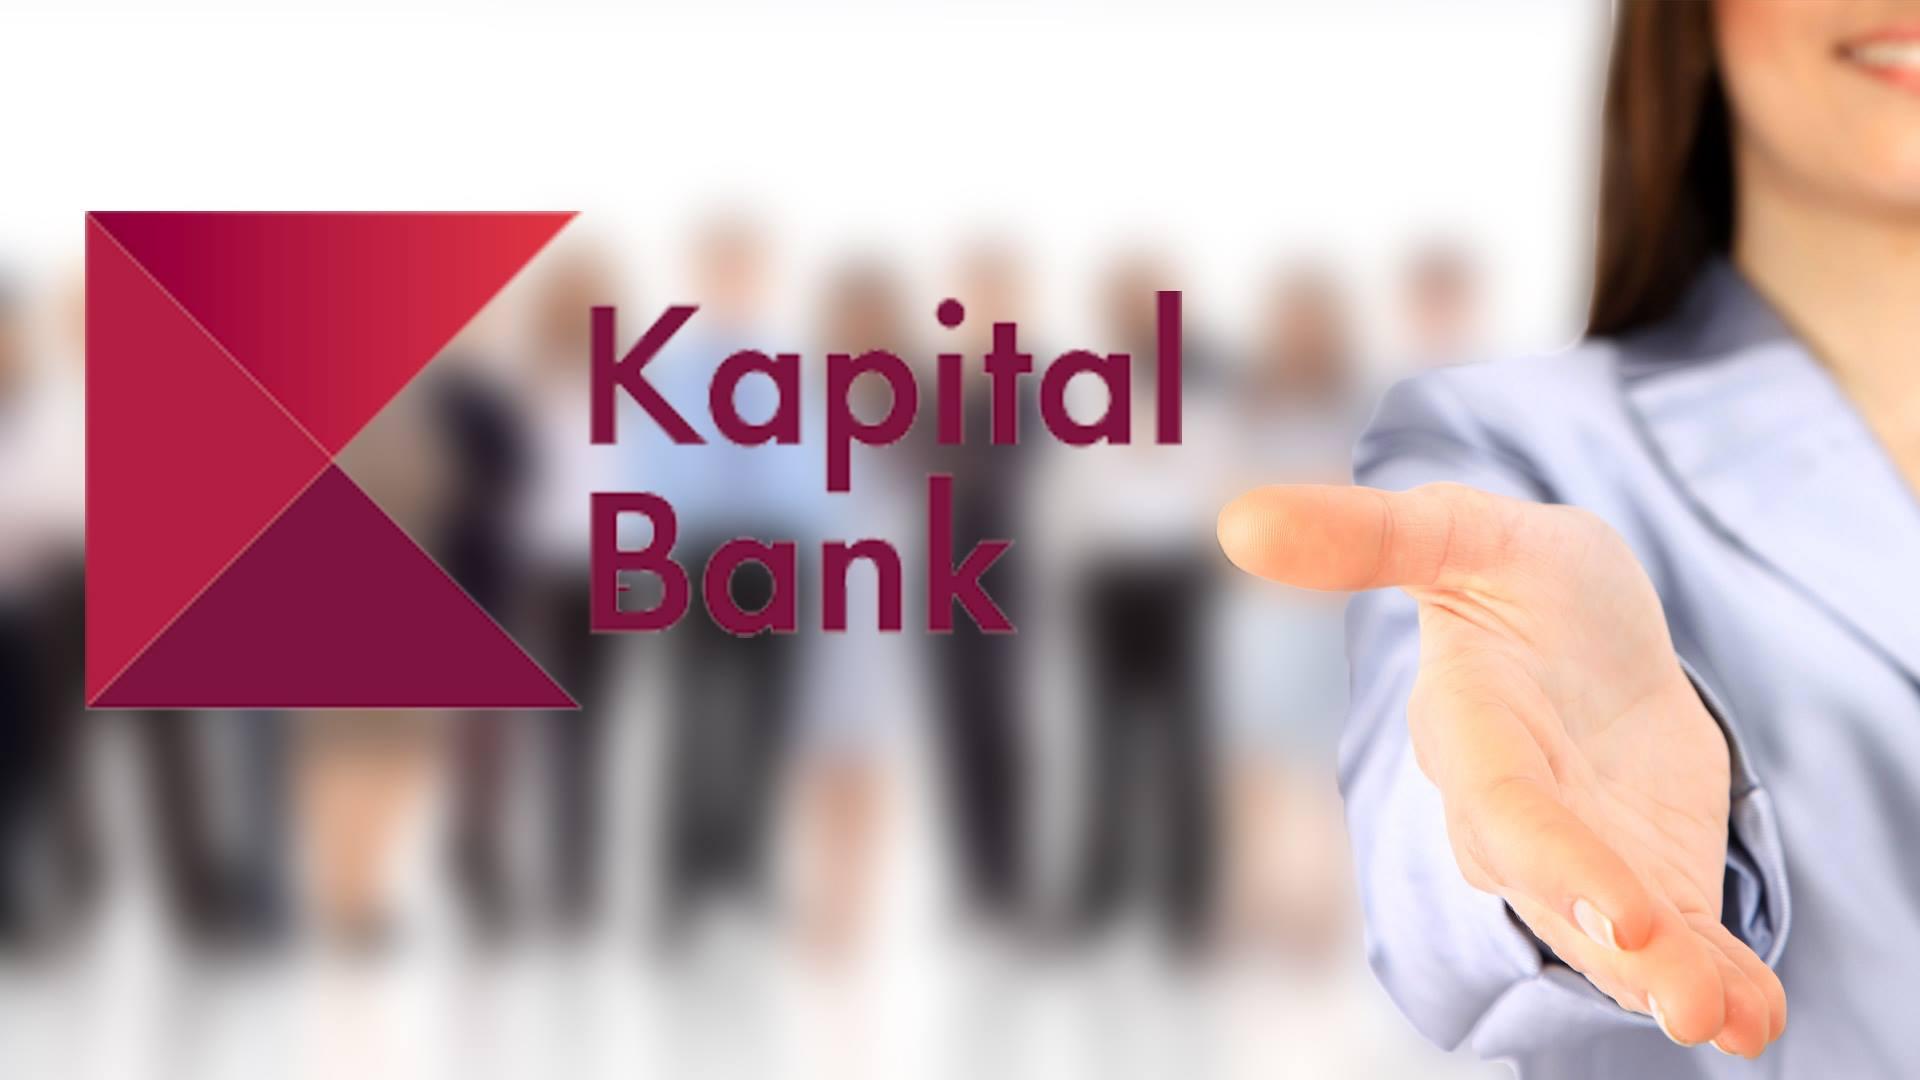 Kapital Bank-da təcrübə tələb etməyən VAKANSİYA